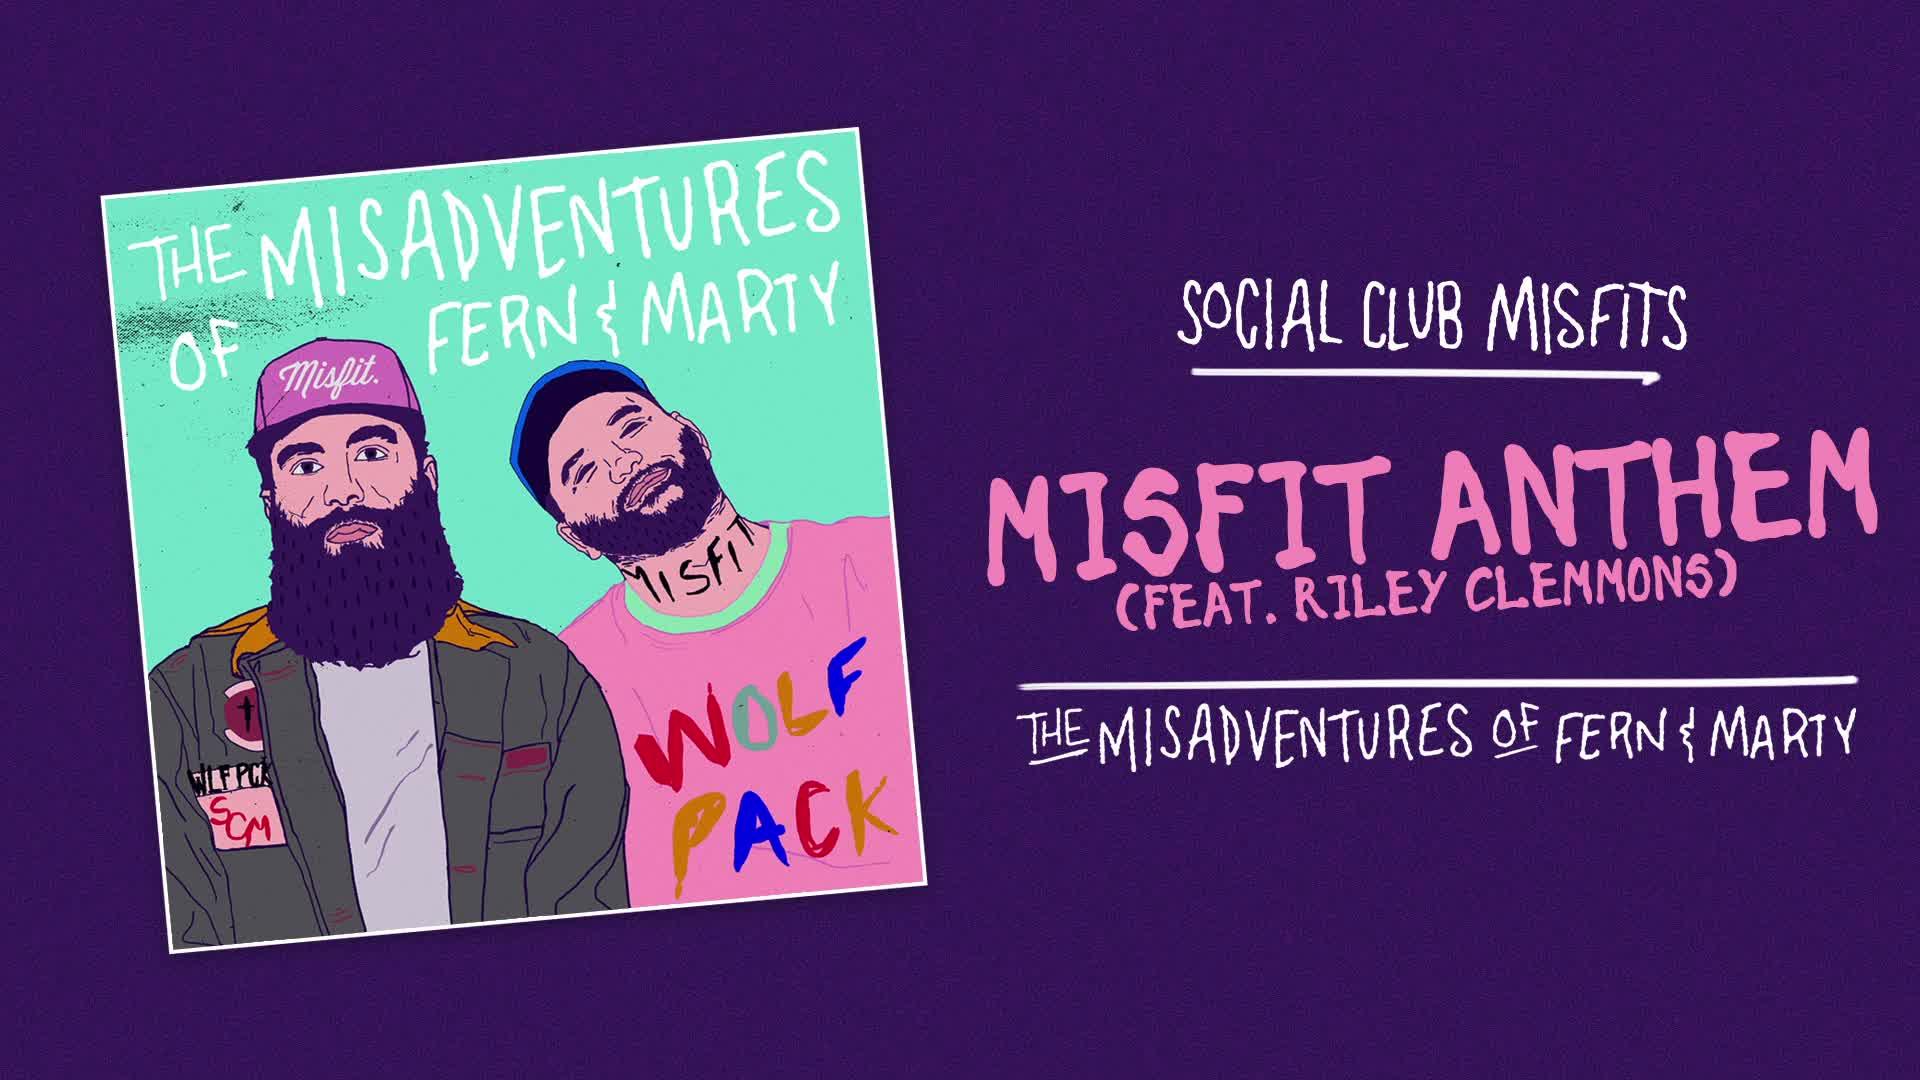 Social Club Misfits - Misfit Anthem